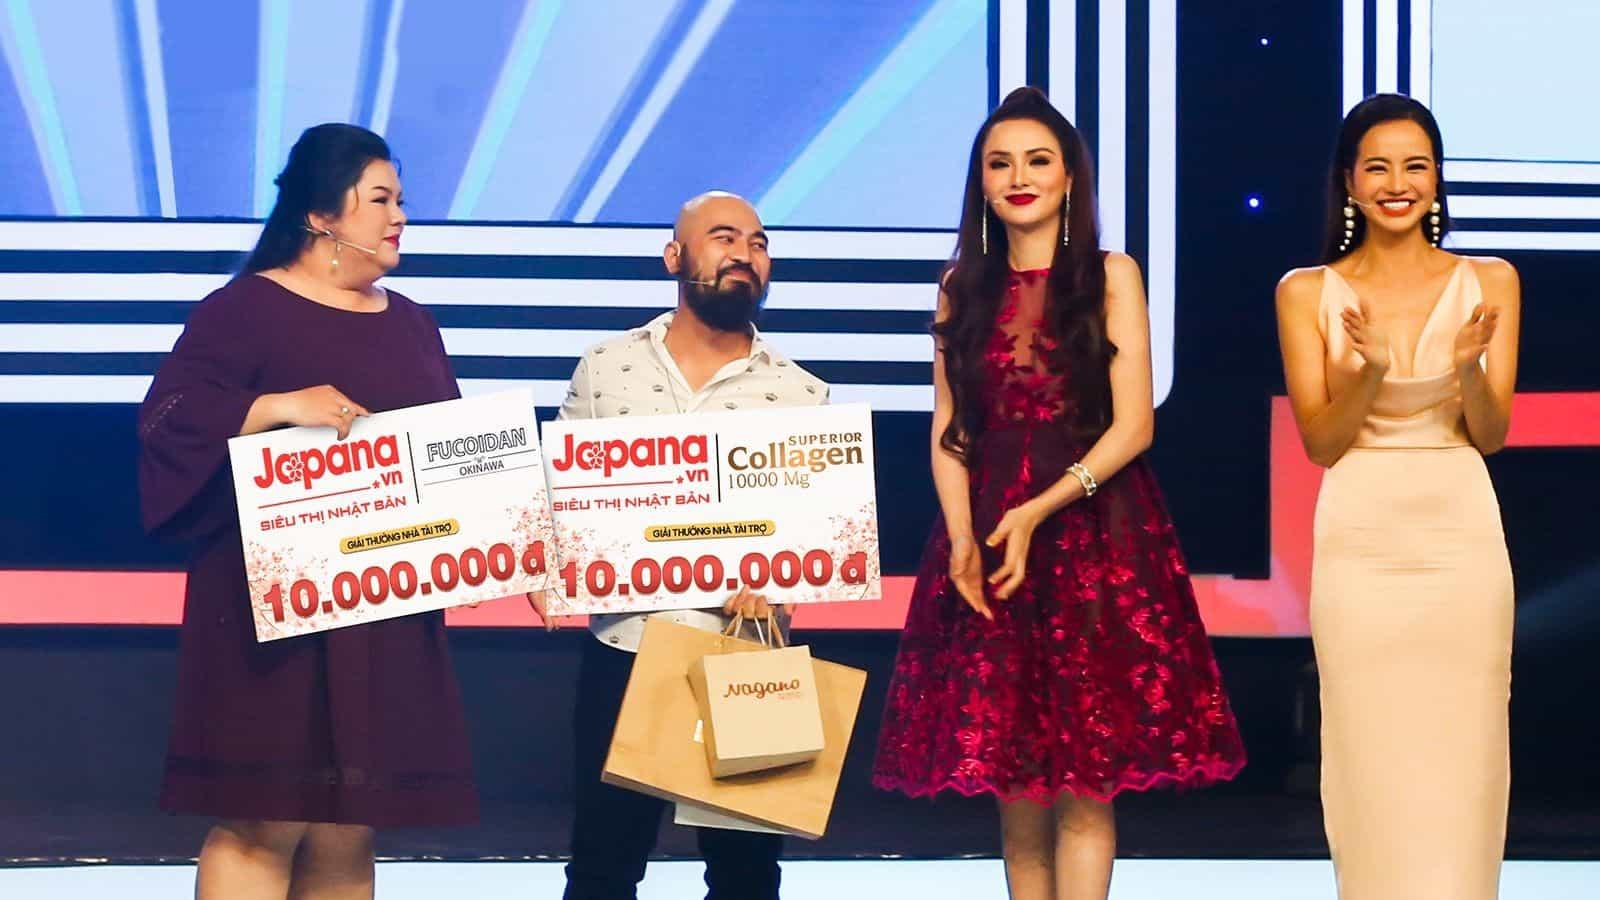 Hoa hậu Diễm Hương, Kiều Ngân cùng diễn viên hài Tuyền Mập là khách hàng thân thiết của Siêu Thị Nhật Bản Japana